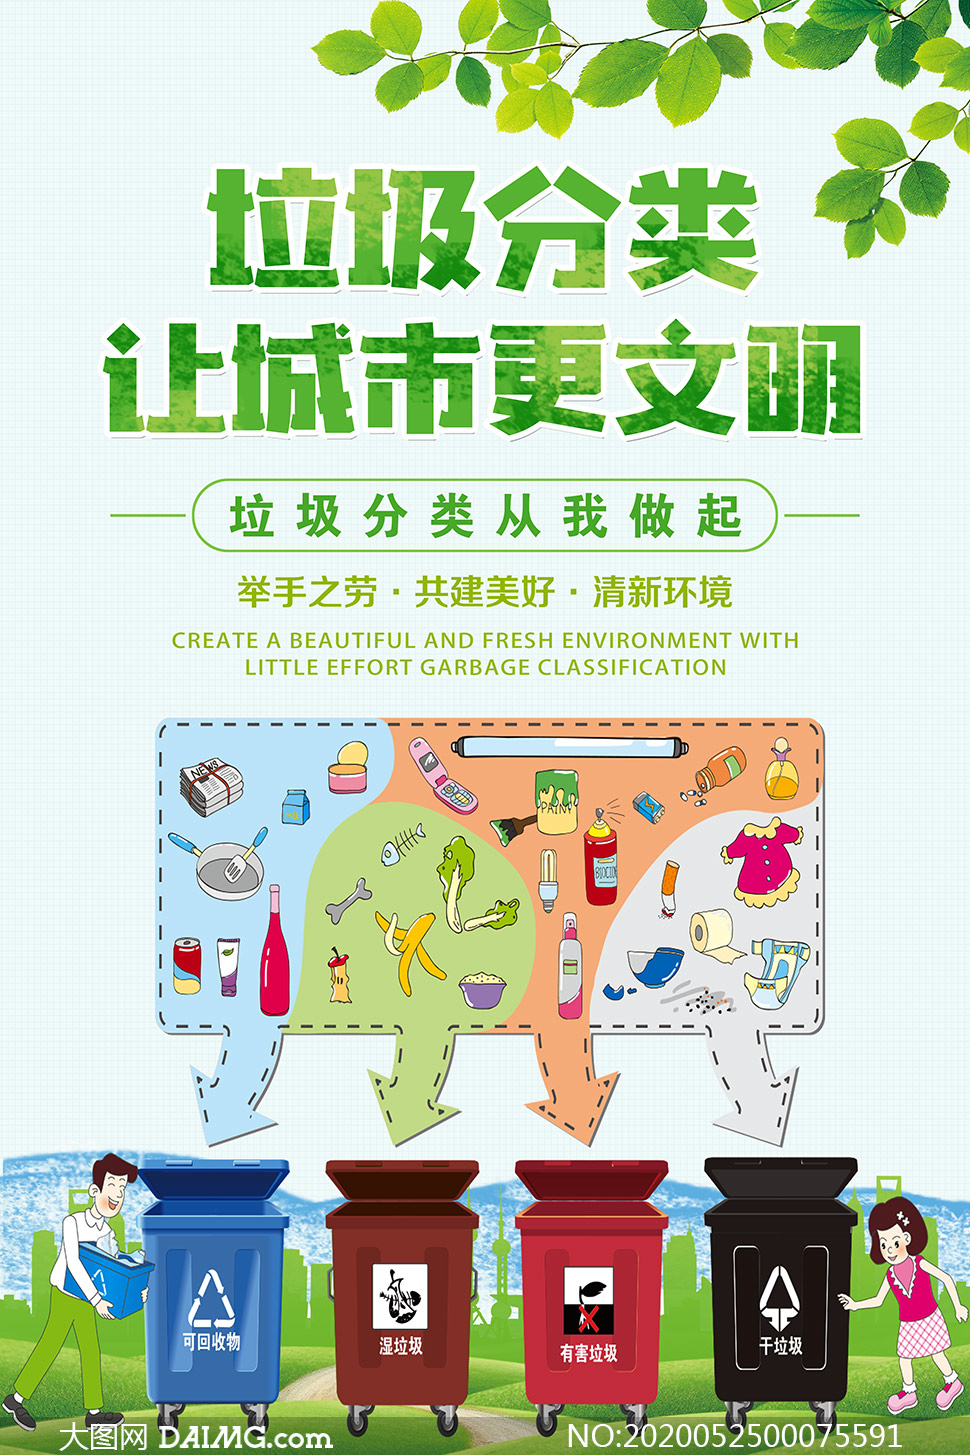 垃圾分类让城市更文明公益海报PSD素材